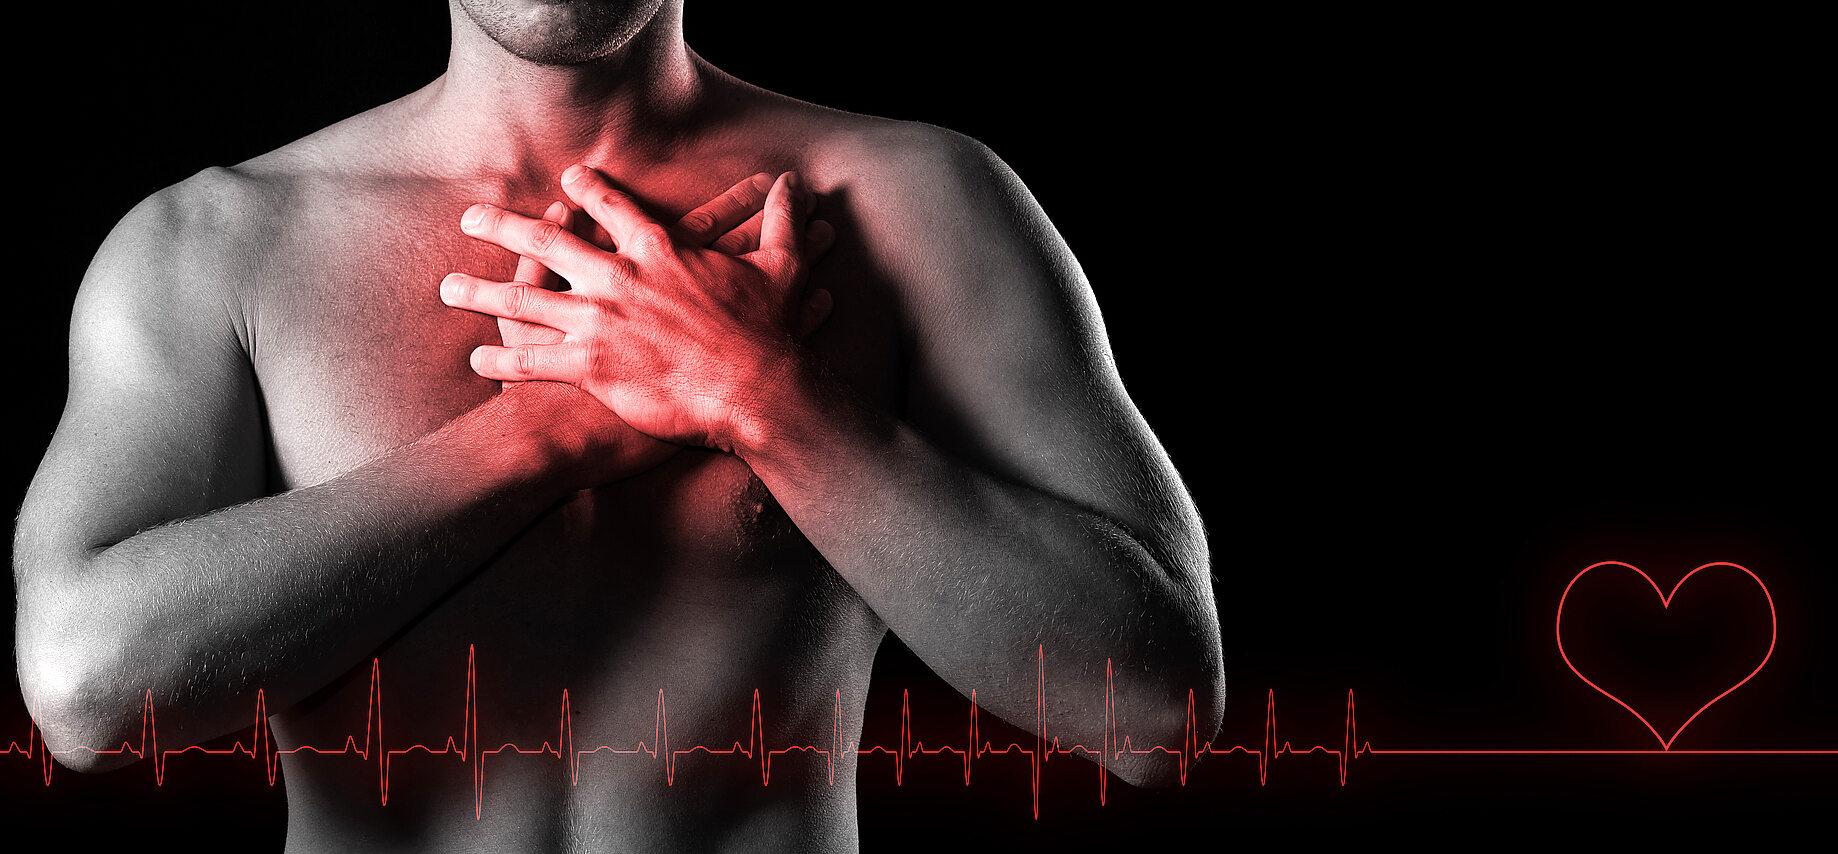 Jakie objawy mogą wskazywać na zawał mięśnia sercowego?